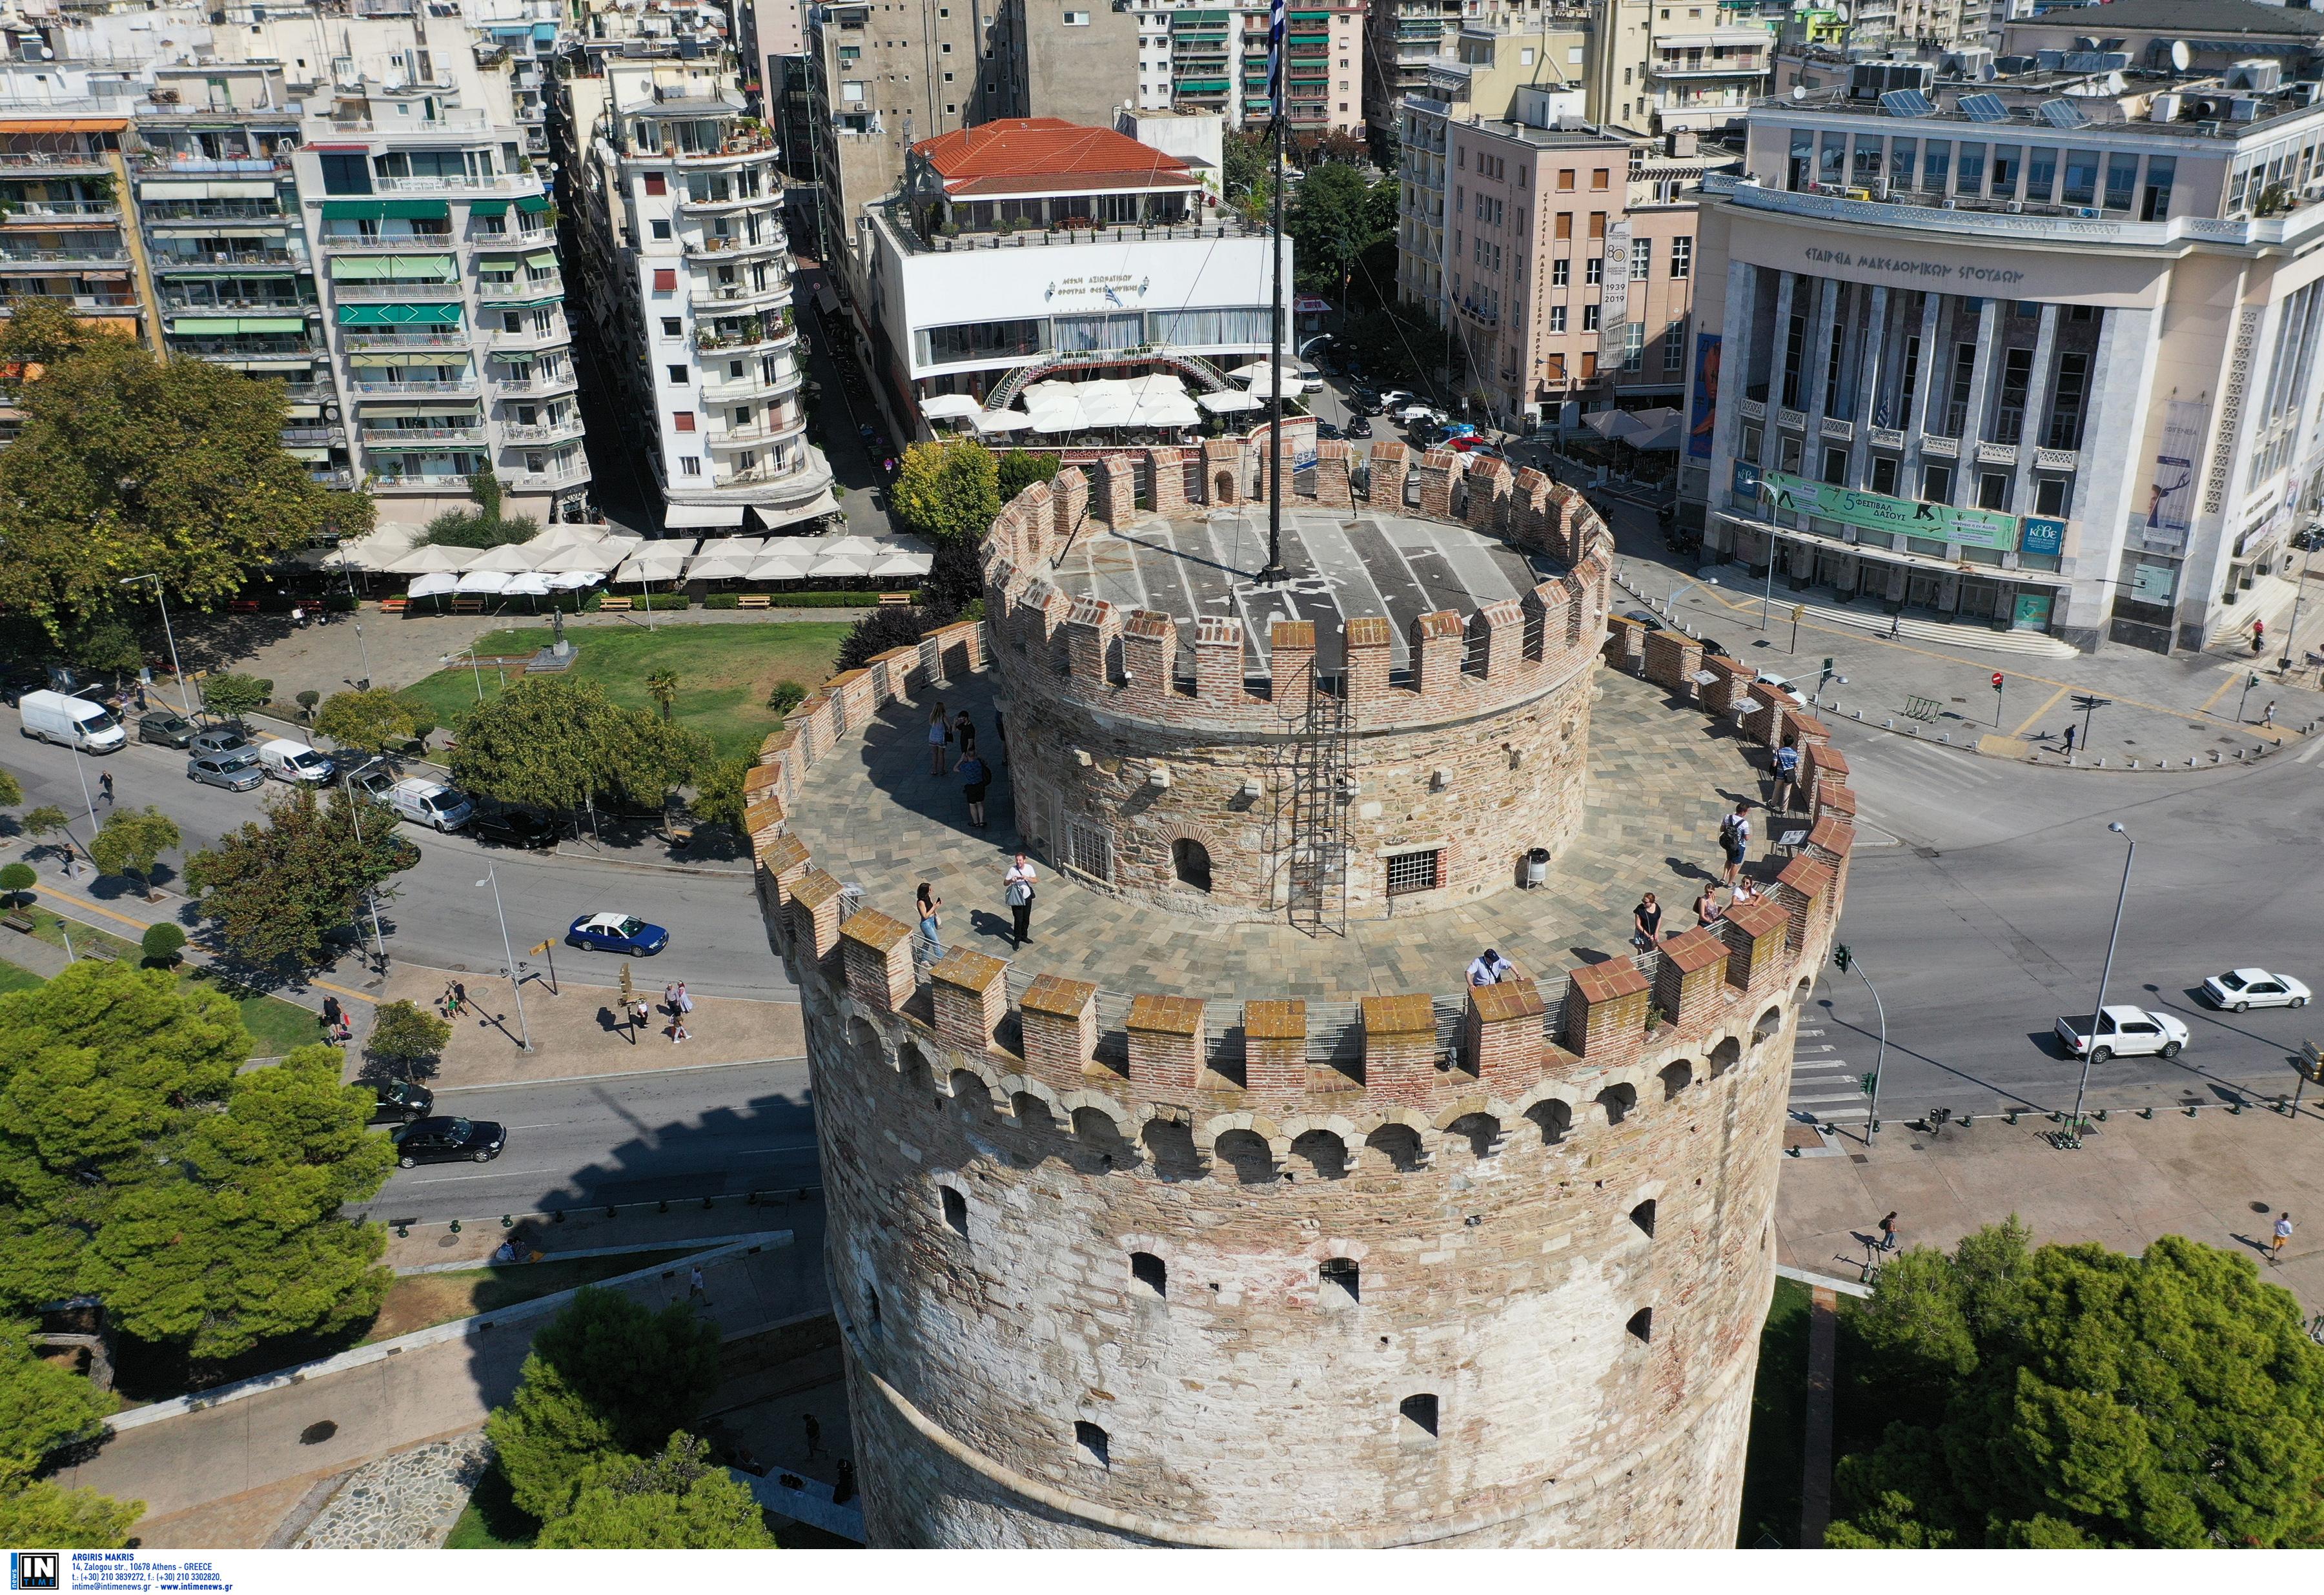 Θεσσαλονίκη – Κορονοϊός: Αυτή είναι η τελευταία μέτρηση για το ιικό φορτίο στα λύματα της πόλης